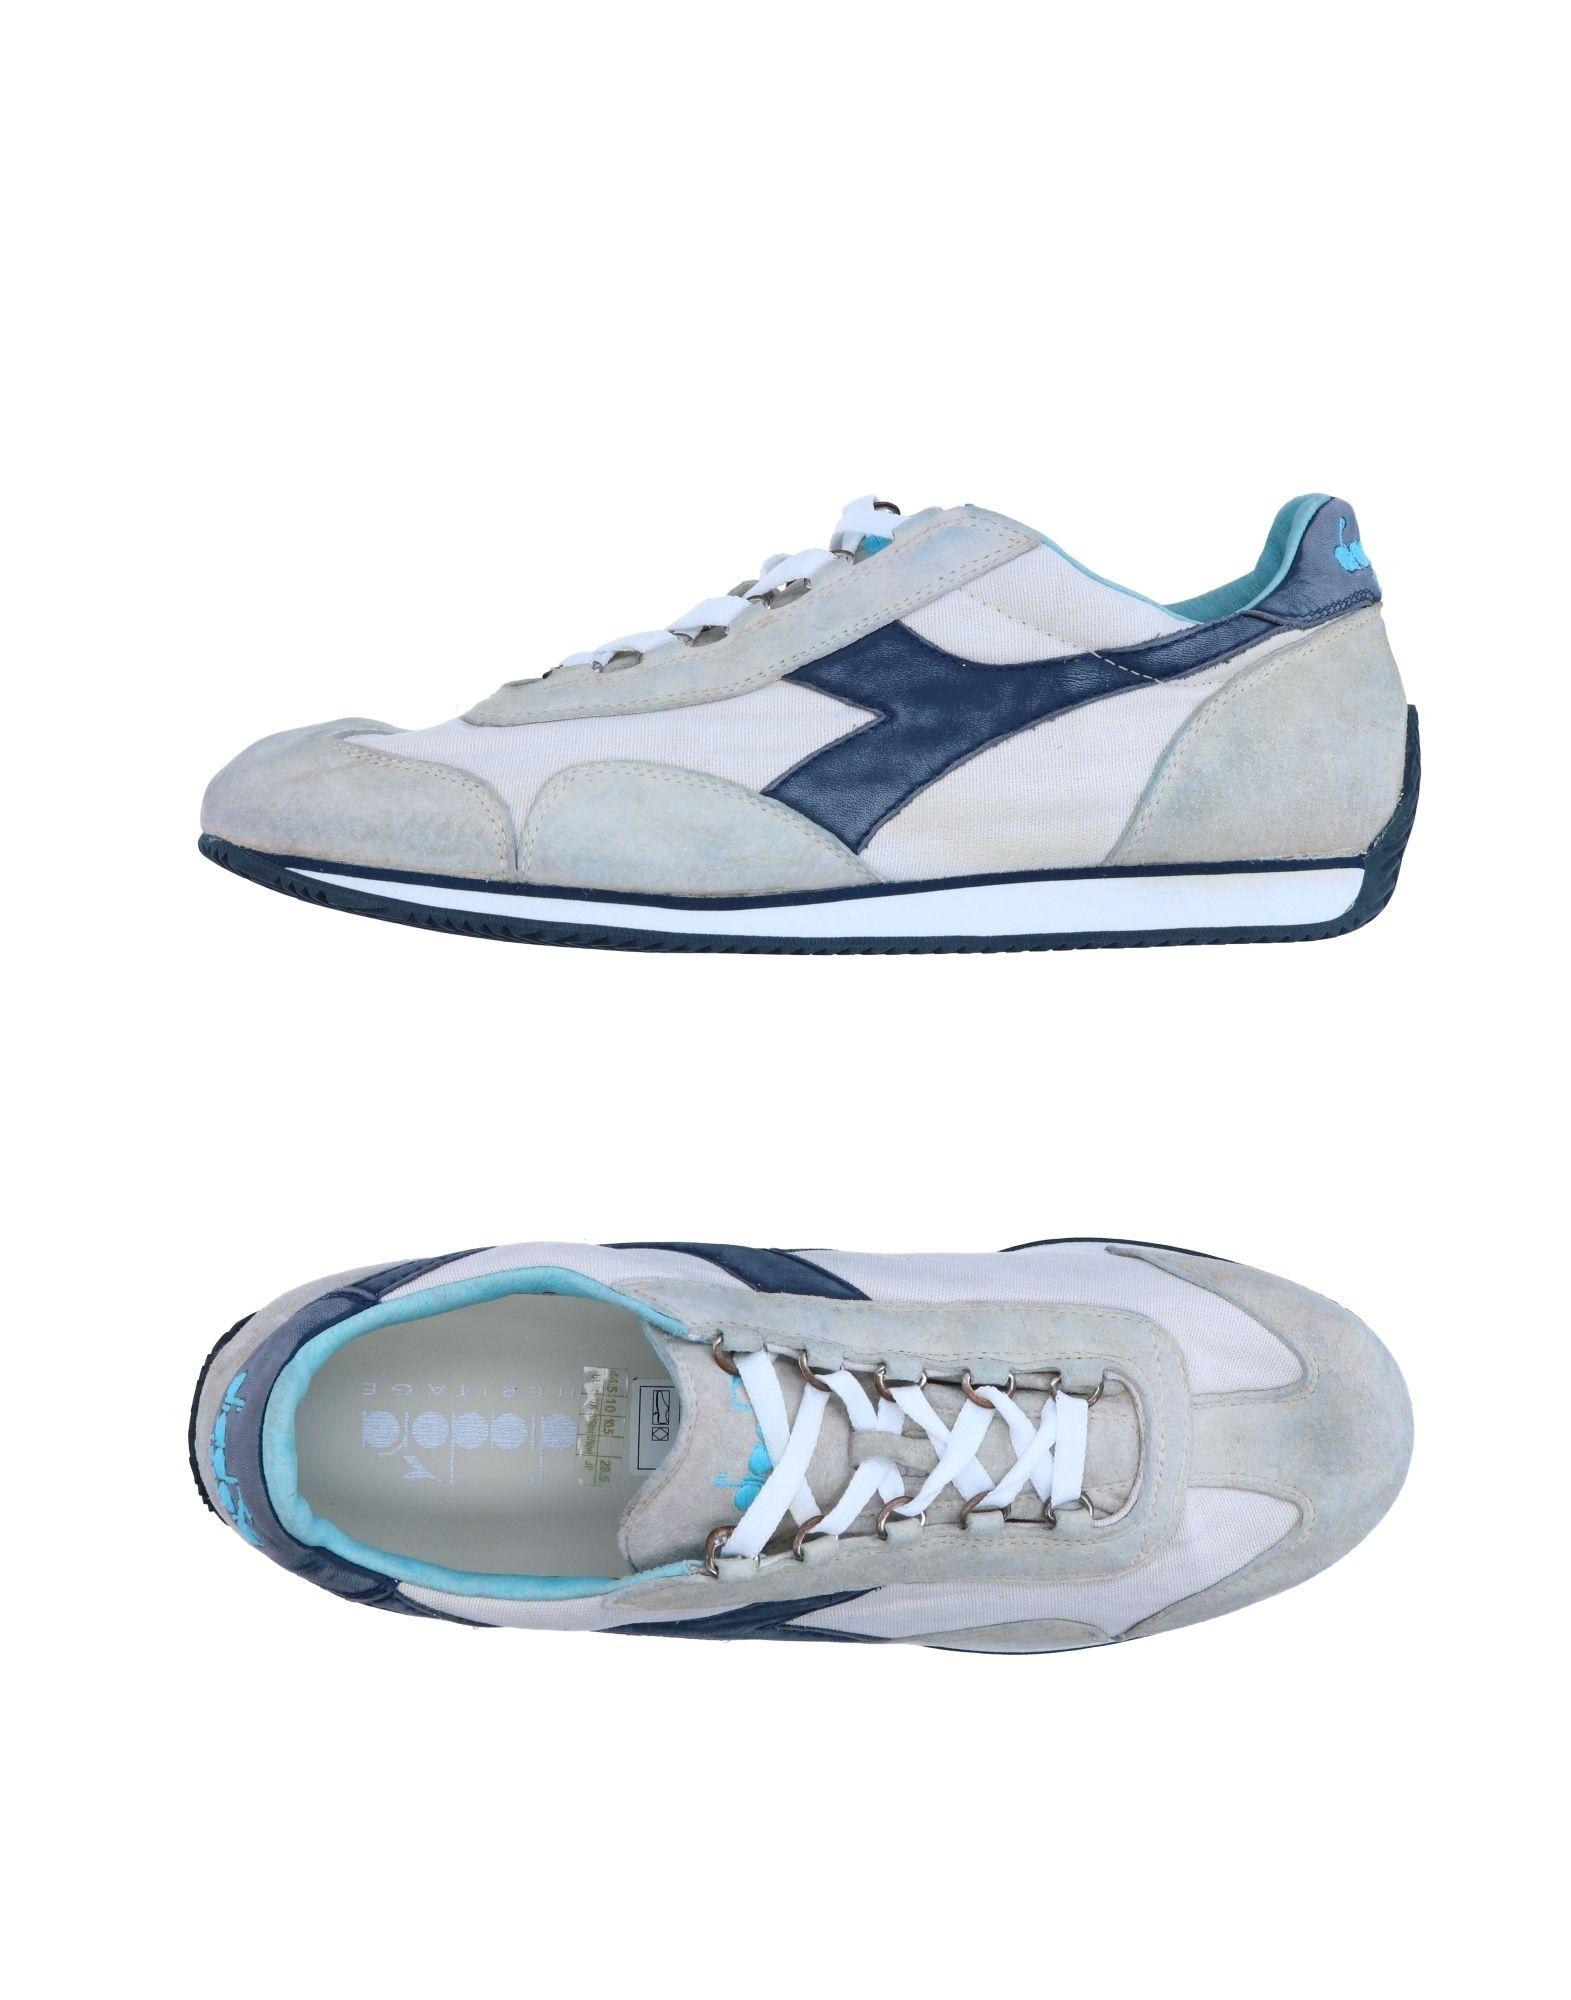 Zapatillas Diadora Heritage Hombre - Zapatillas Zapatillas - Diadora Heritage  Gris perla d4c3c0